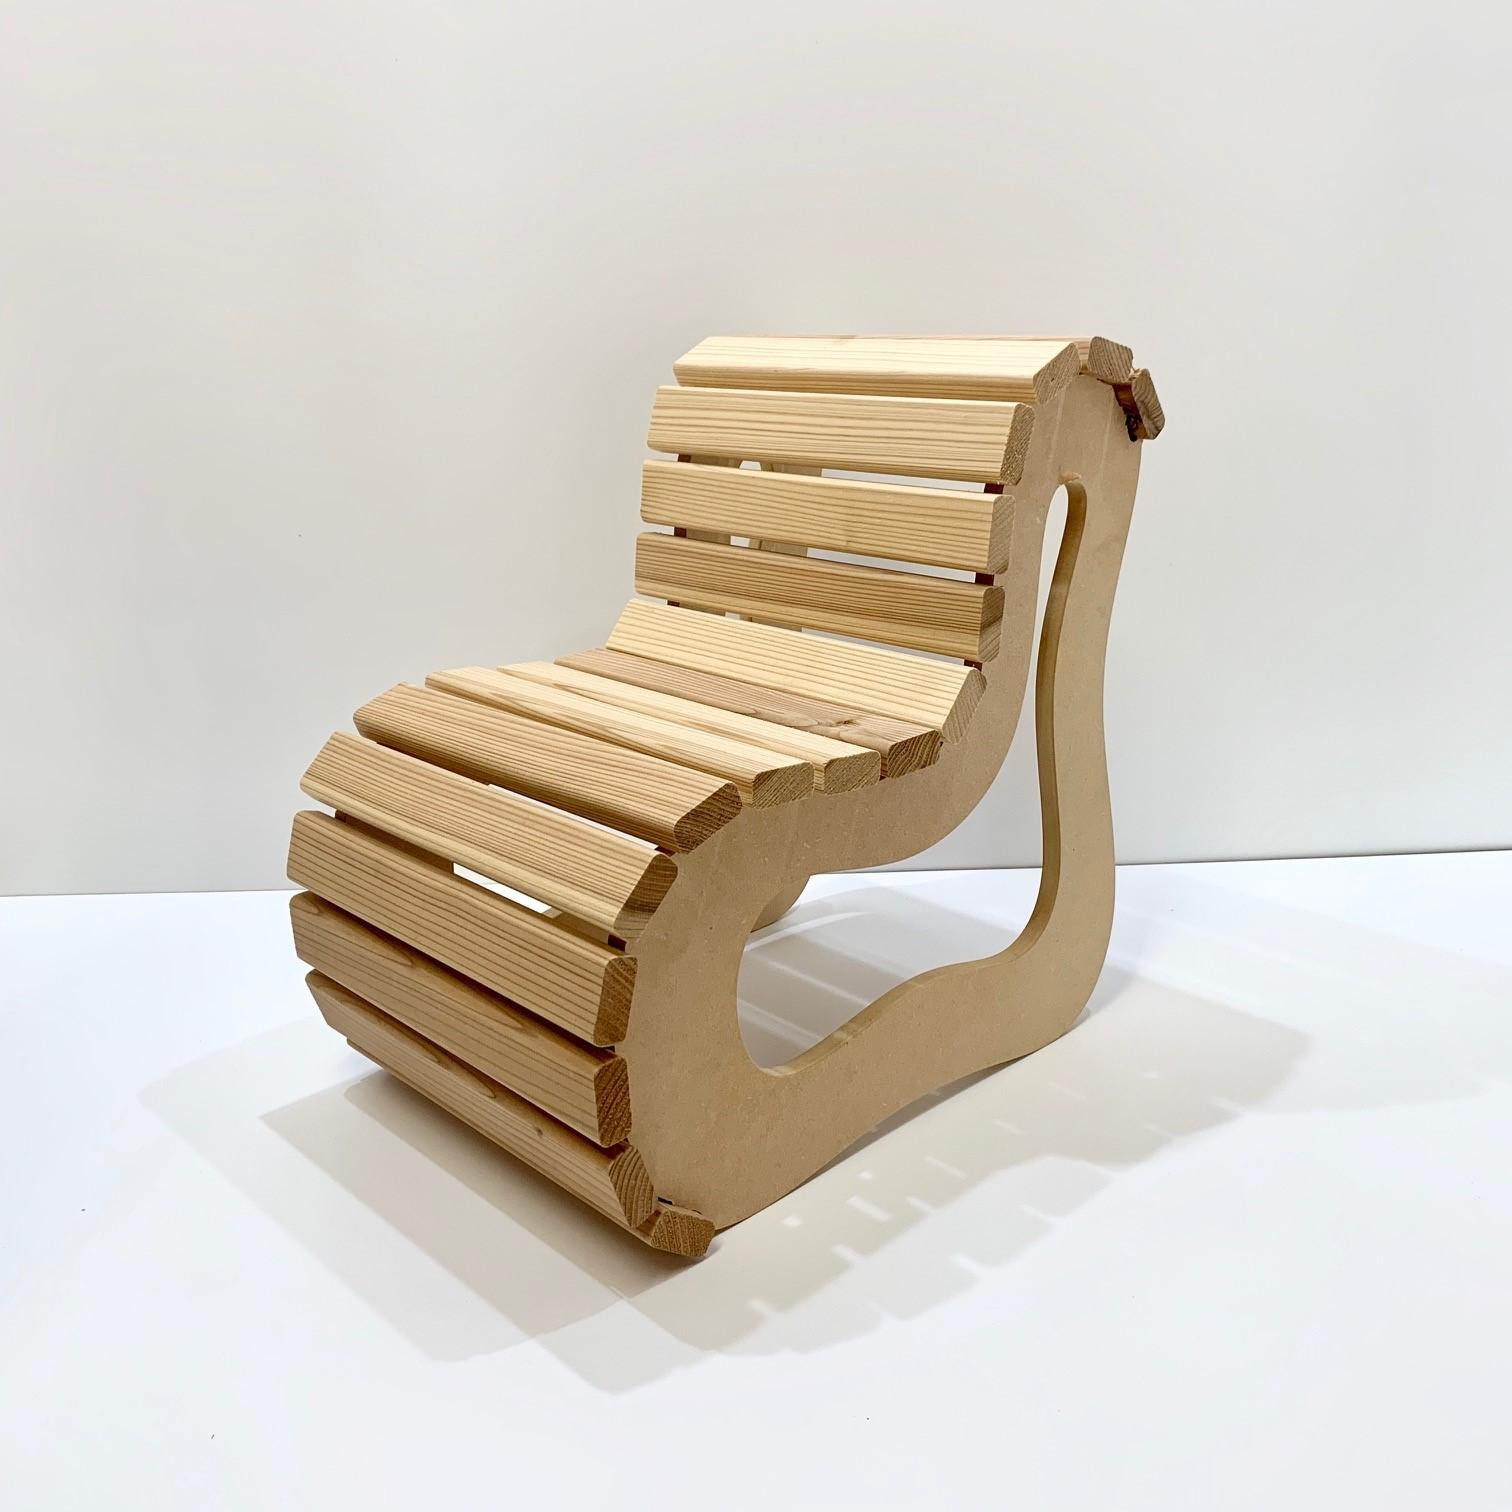 老津木工 おいつもっこう ポムチェア POMCHAIR 木育 DIY 間伐材 子供椅子 チェア